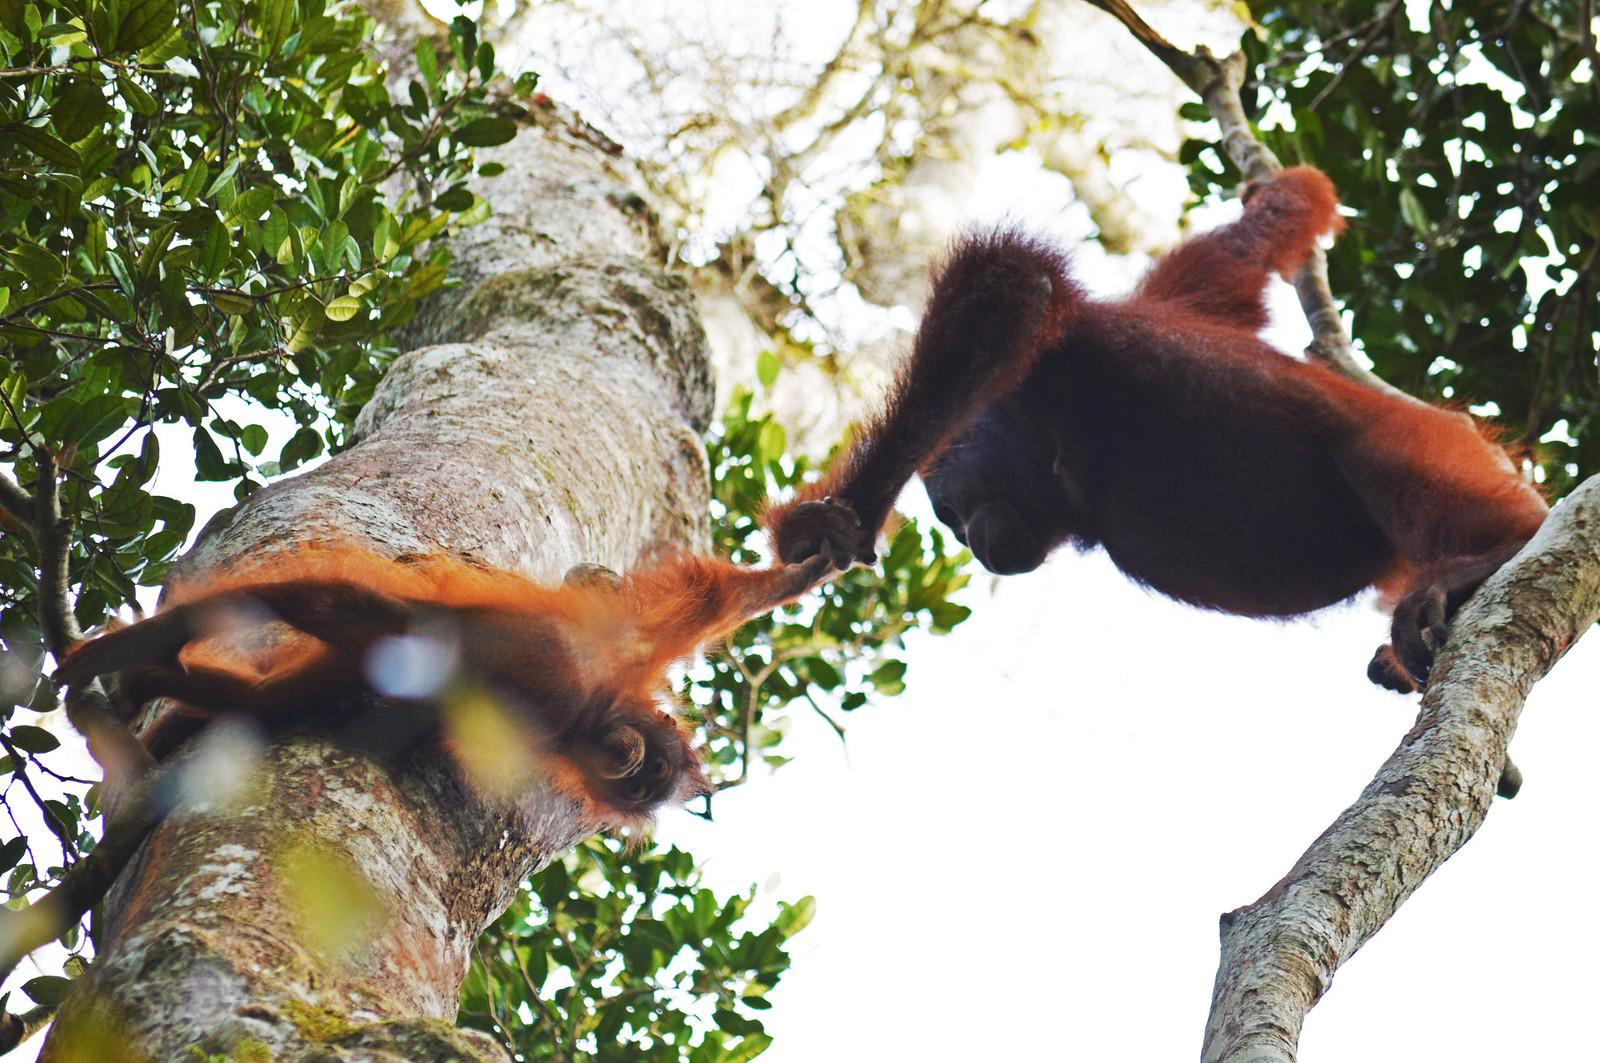 Wild Orangutans in Borneo